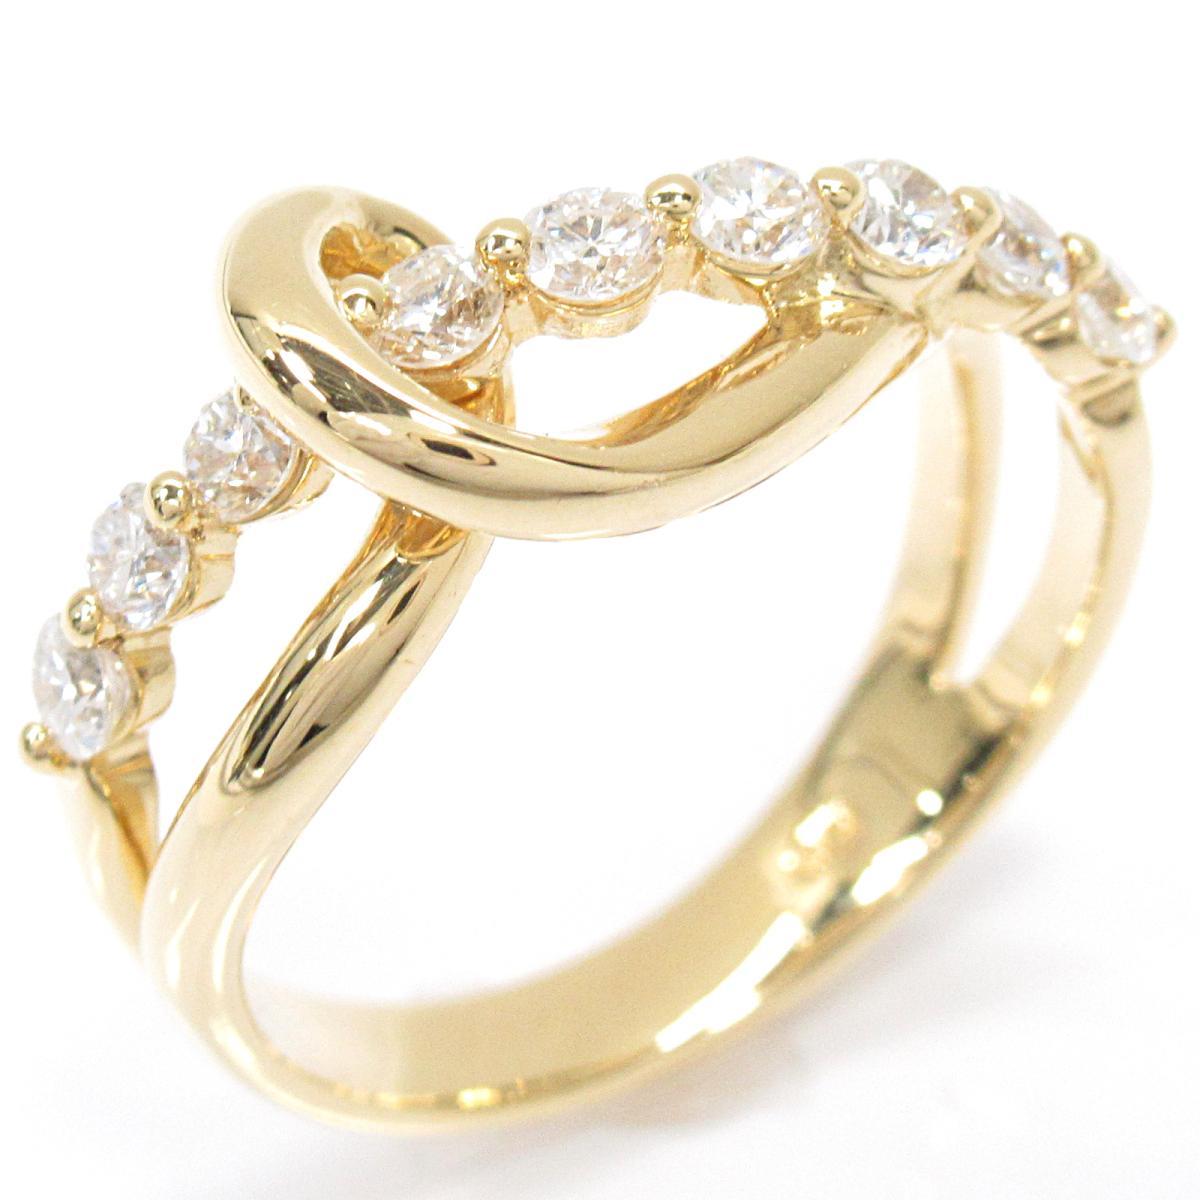 【中古】 ジュエリー ダイヤモンドリング 指輪 レディース K18YG (750) イエローゴールド x ダイヤモンド (0.50ct) | JEWELRY BRANDOFF ブランドオフ ブランド アクセサリー リング